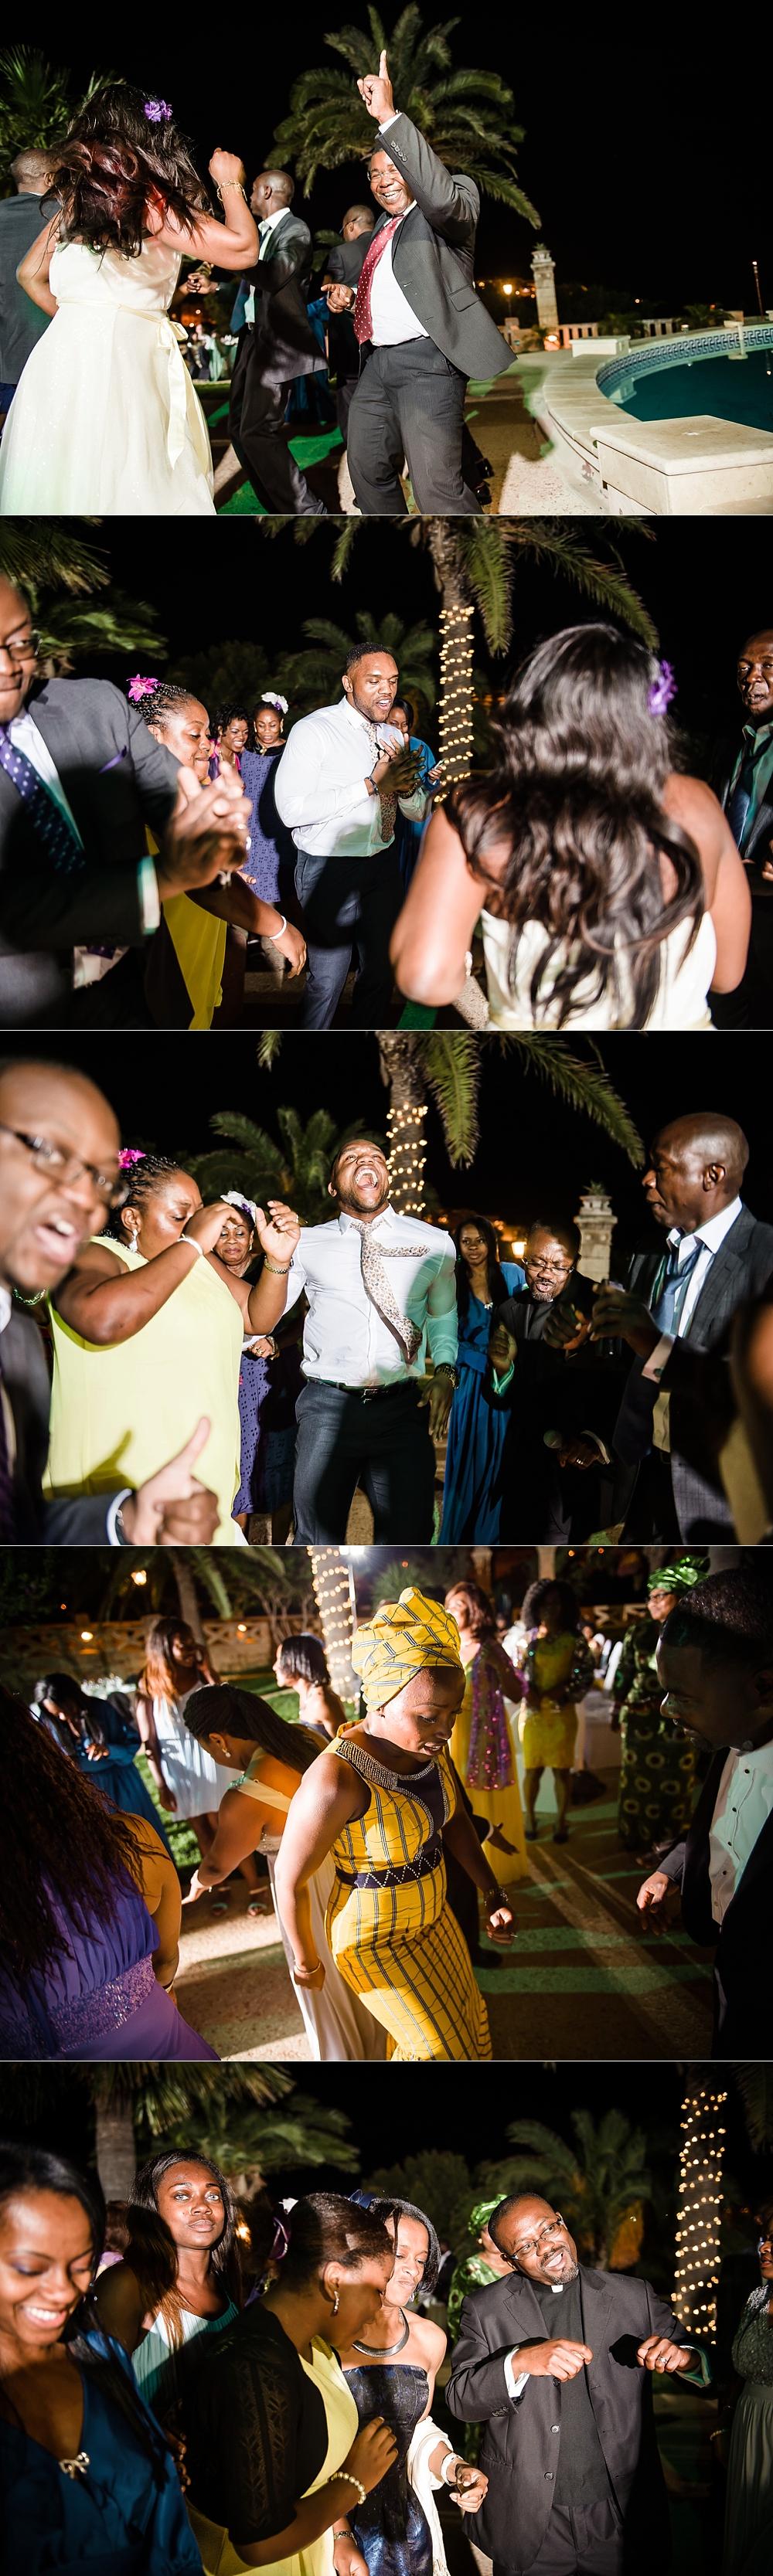 Ugo&Emeka_0034.jpg